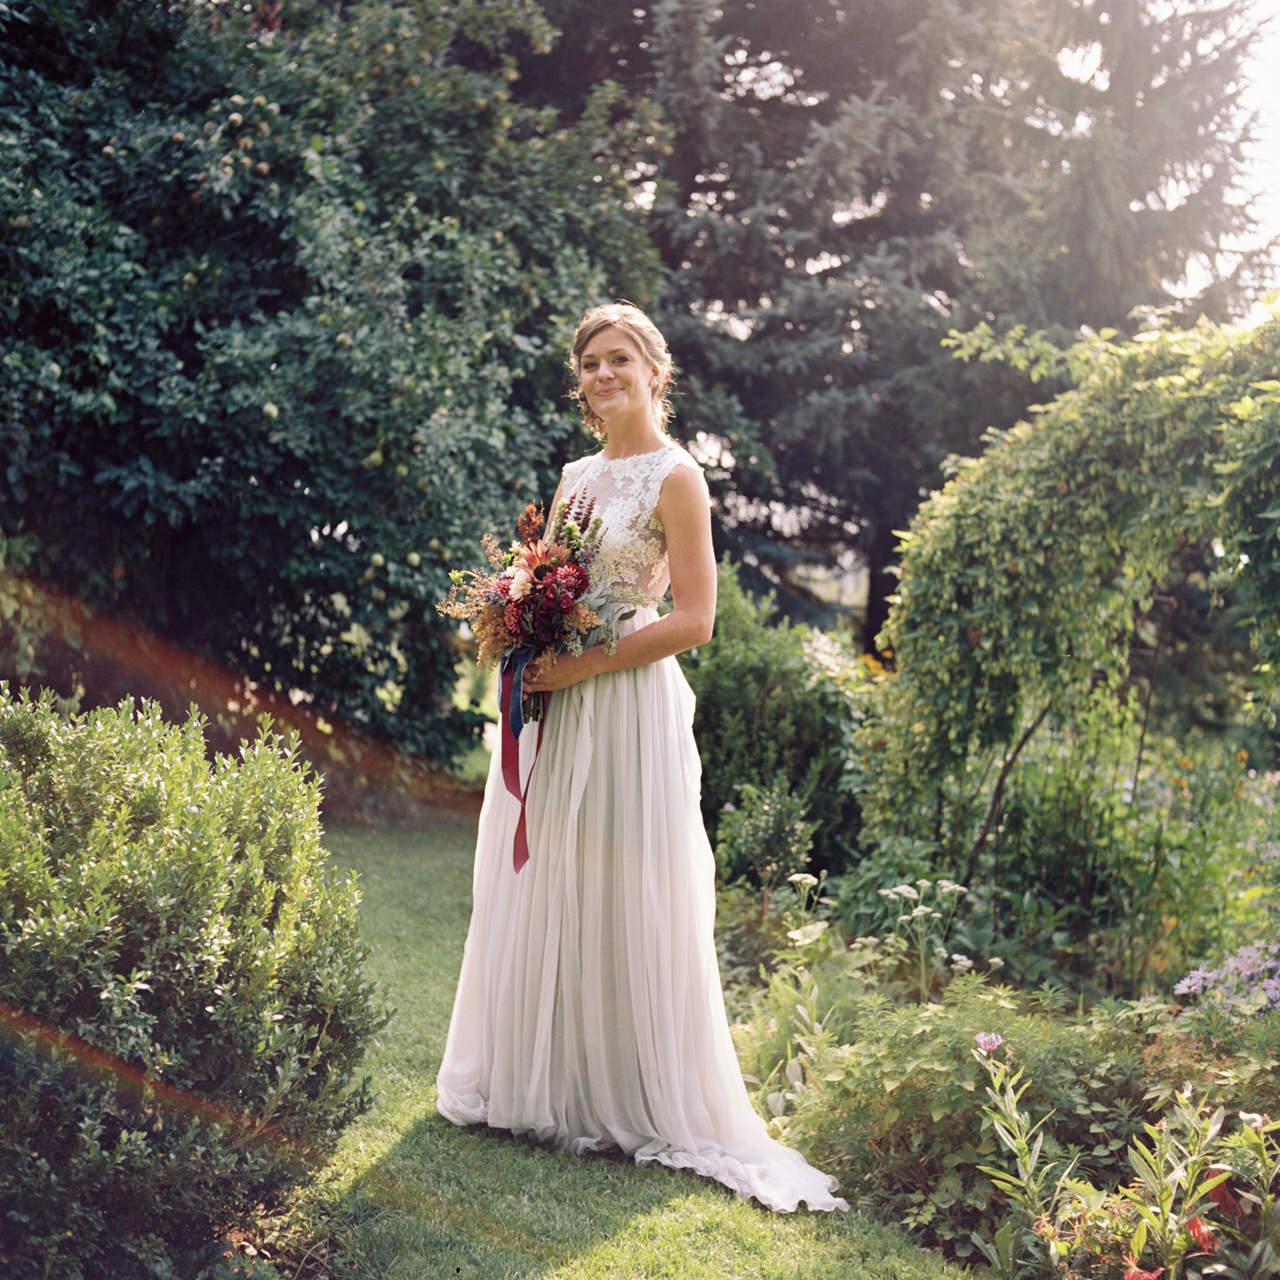 mt-hood-organic-farms-film-wedding-05.jpg